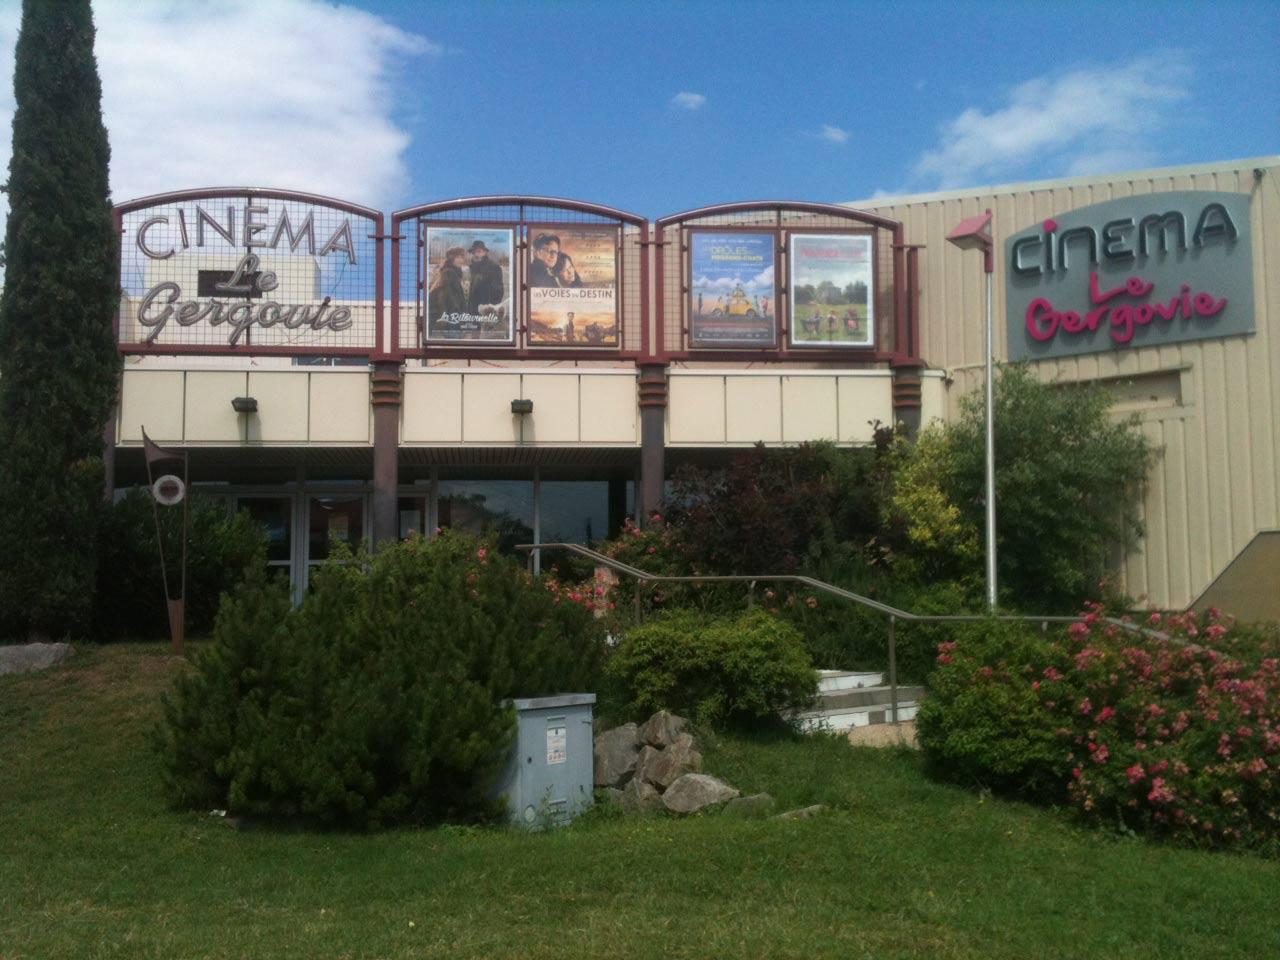 Cinéma le Gergovie